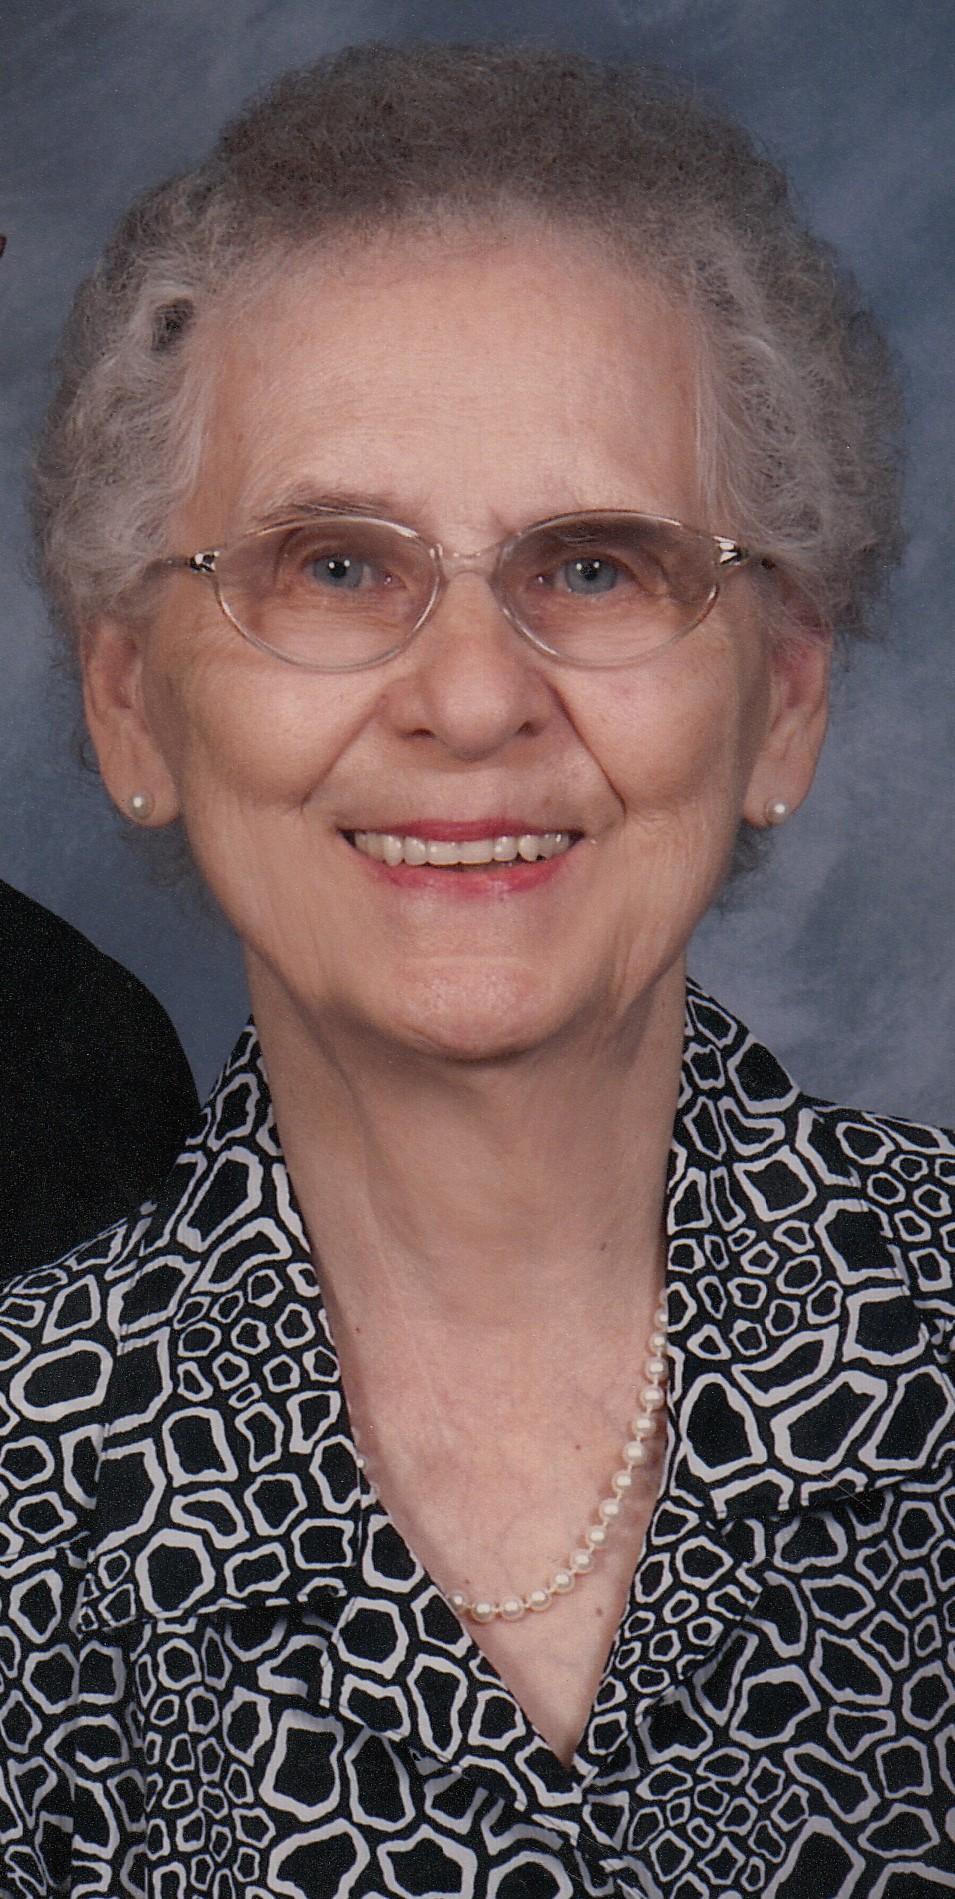 Suzanne J. Morgan, 86